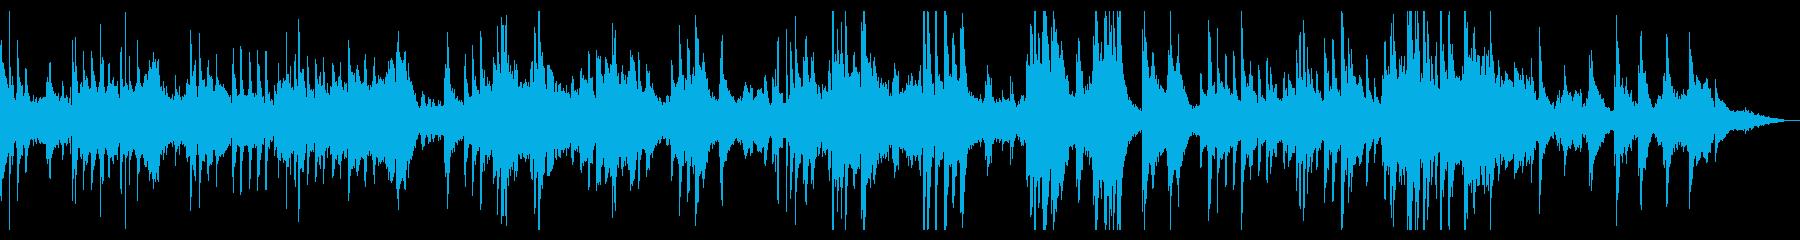 瞑想・ヨガ・癒し ピアノのヒーリング音楽の再生済みの波形